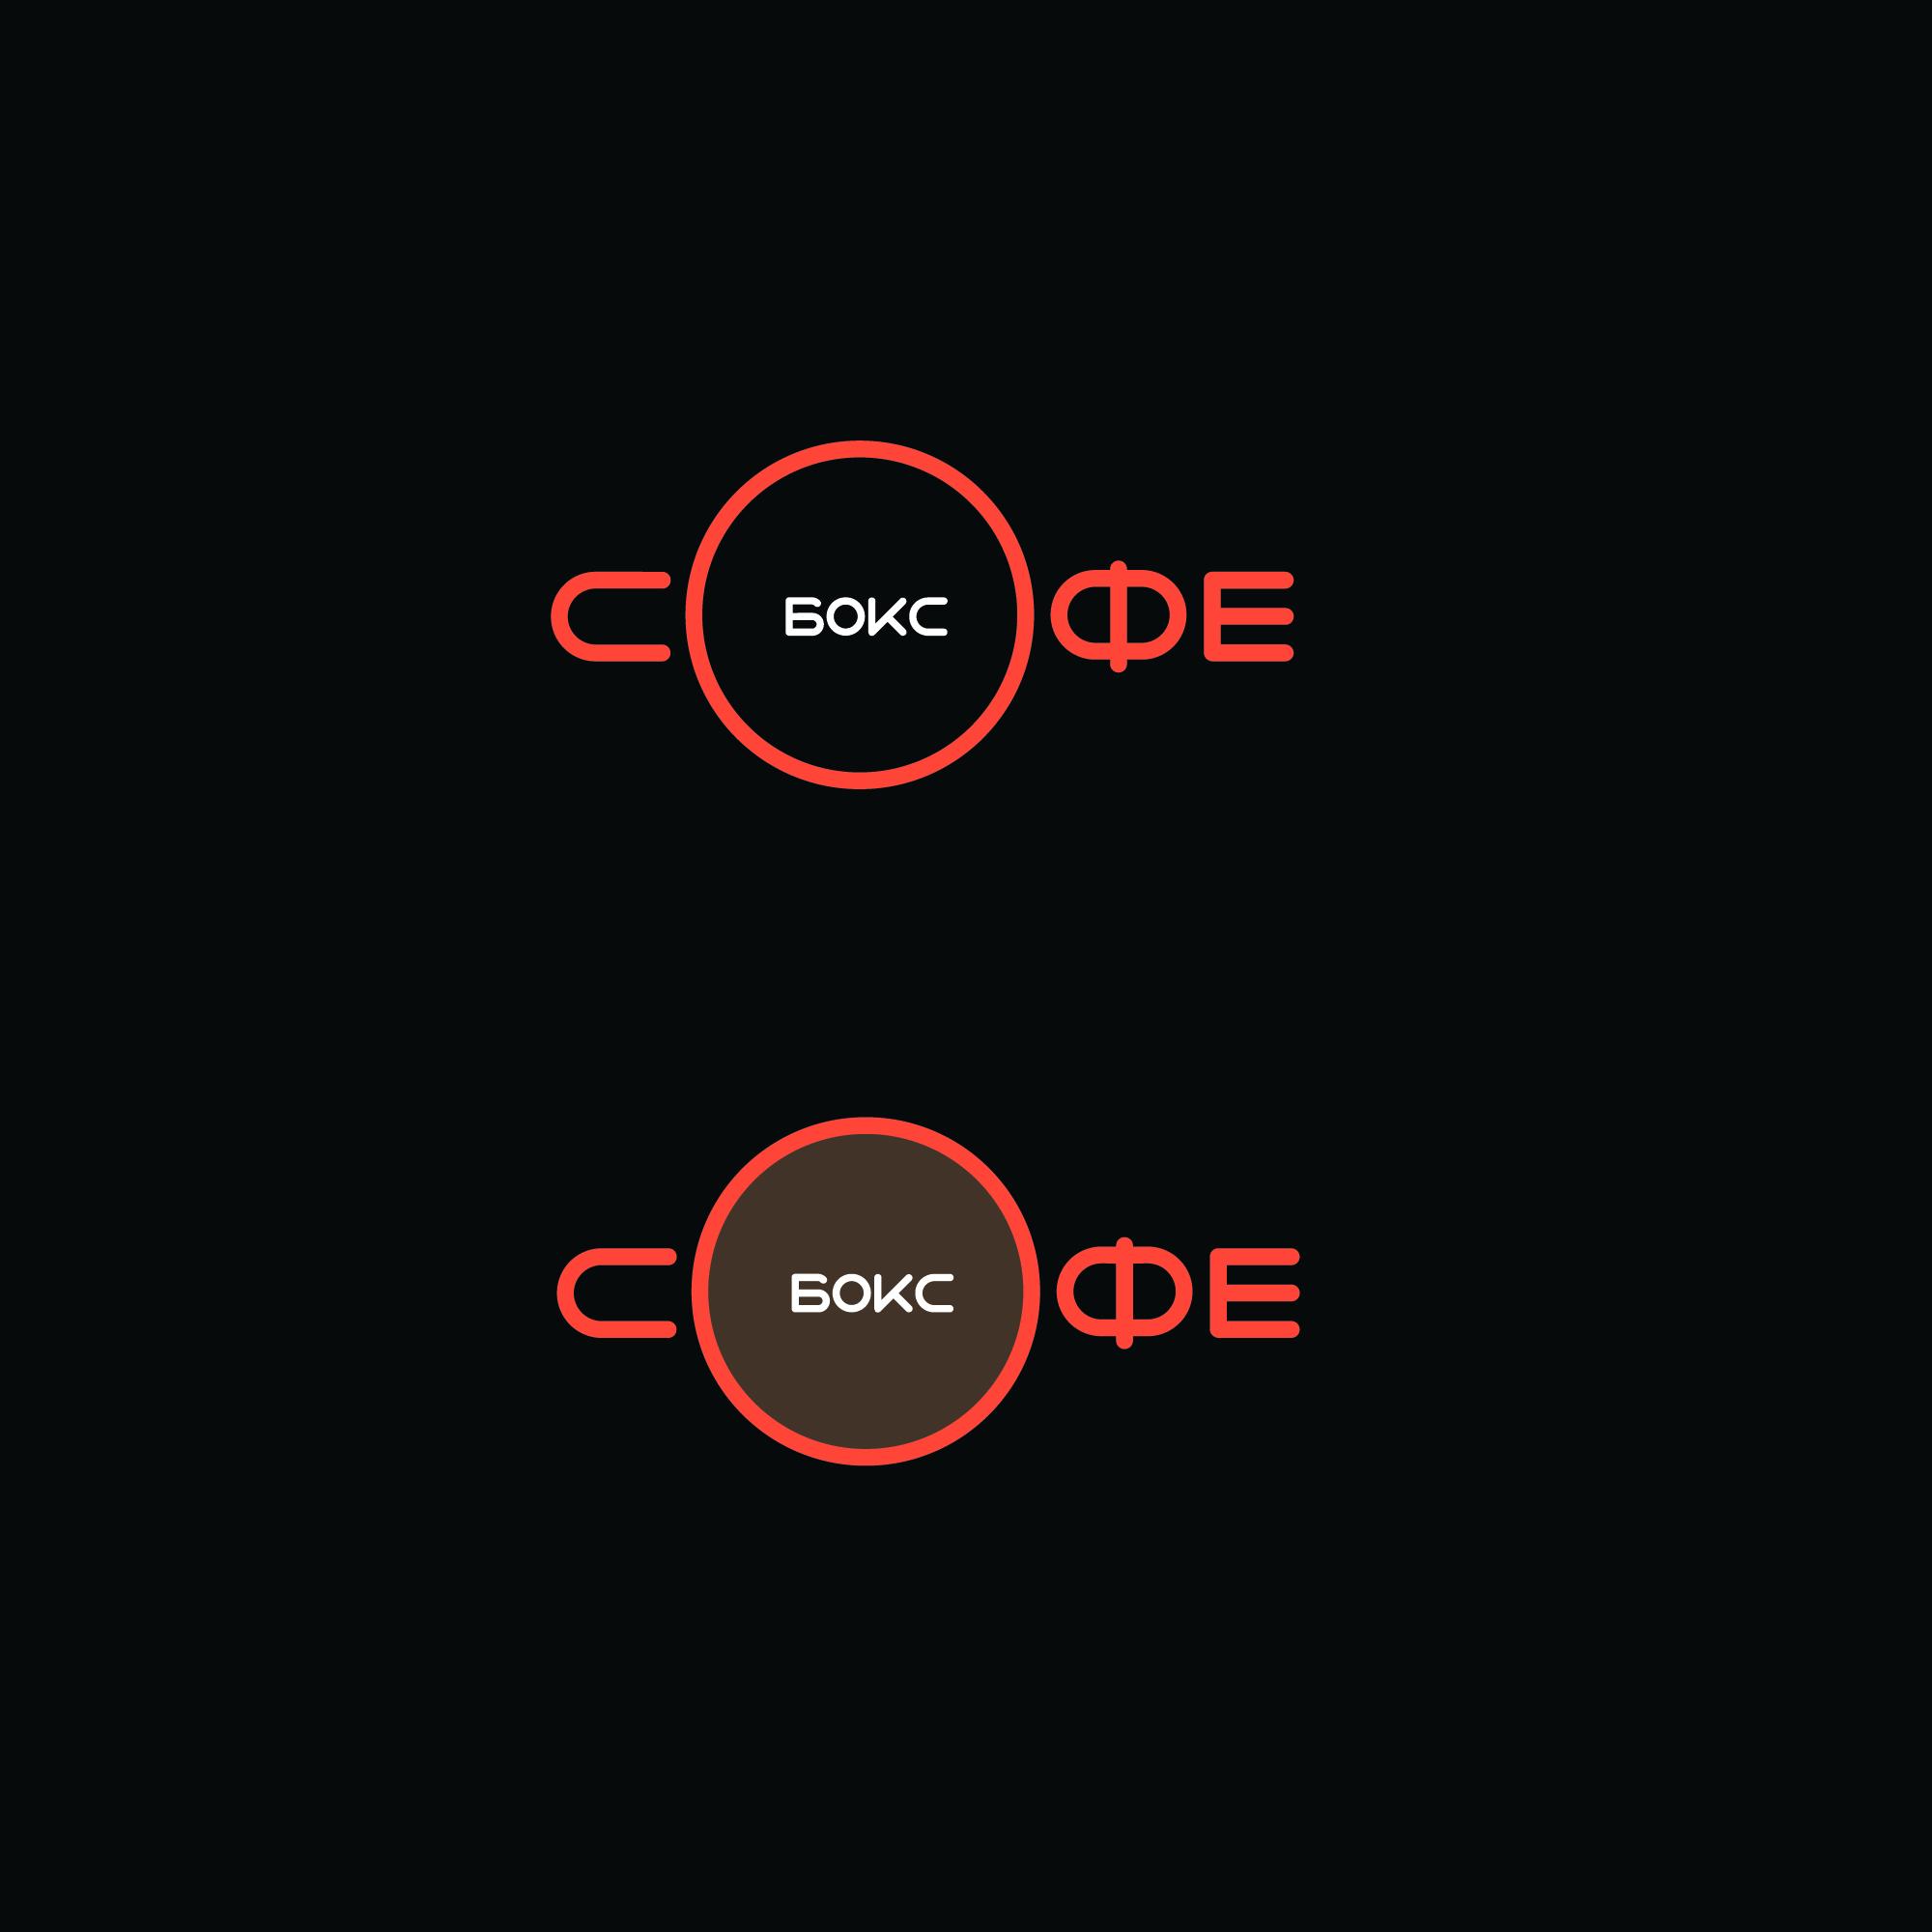 Требуется очень срочно разработать логотип кофейни! фото f_6395a0d6b732b8f6.jpg